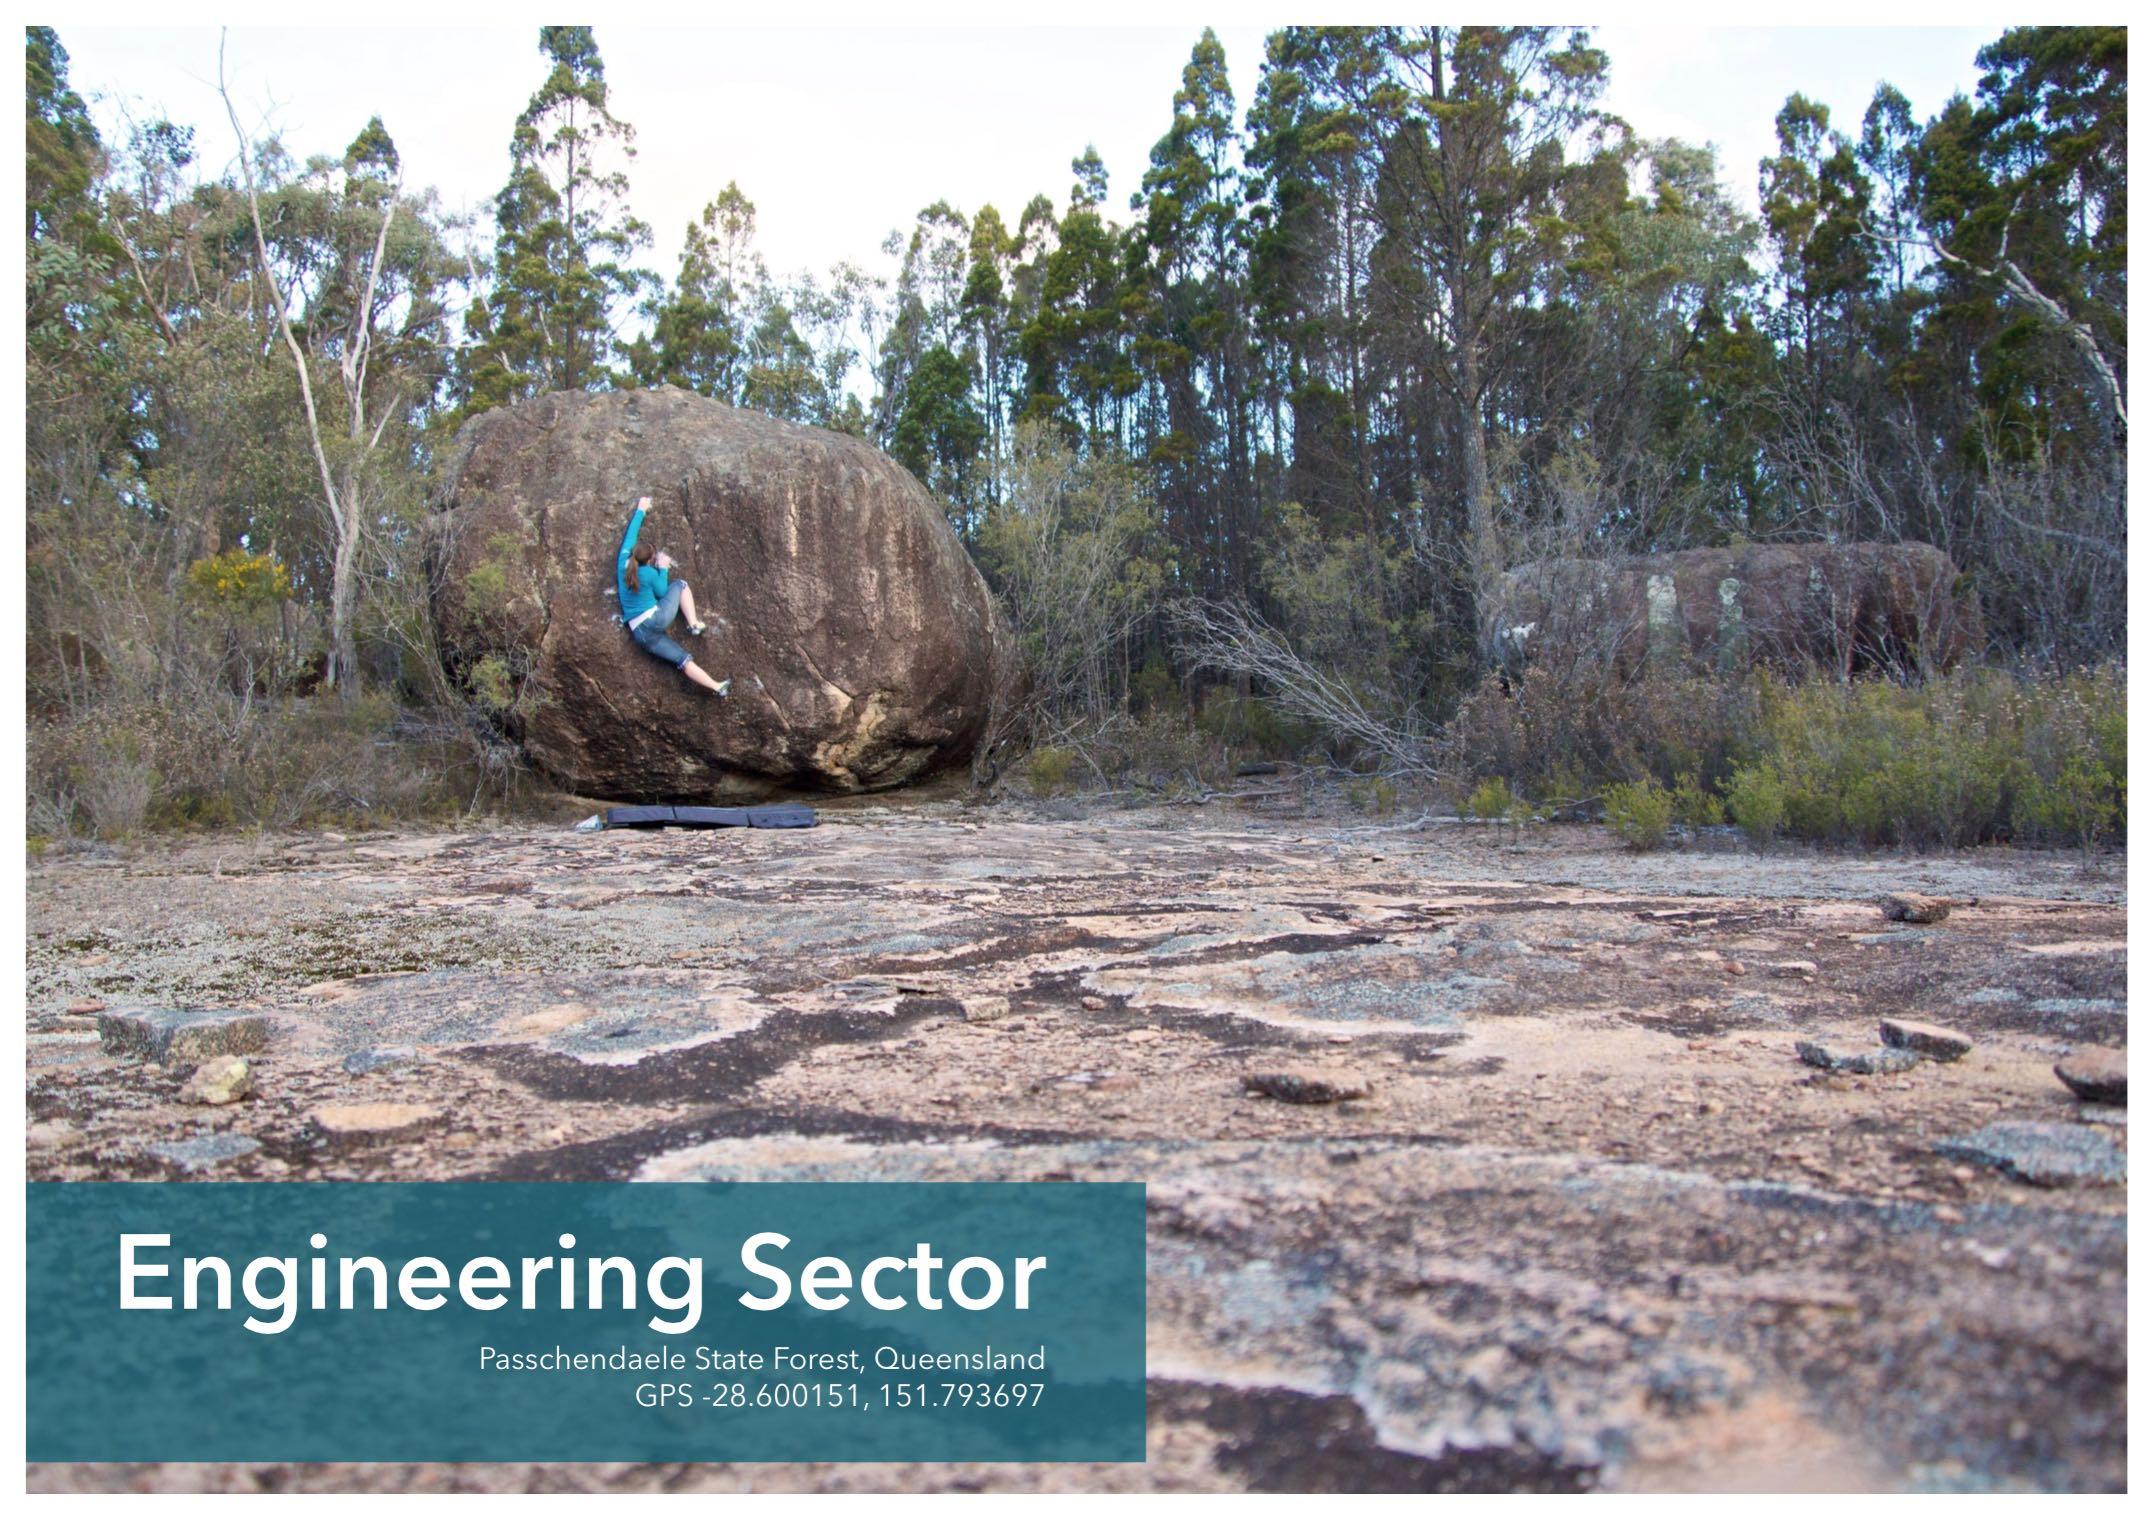 engineeringsector.jpg